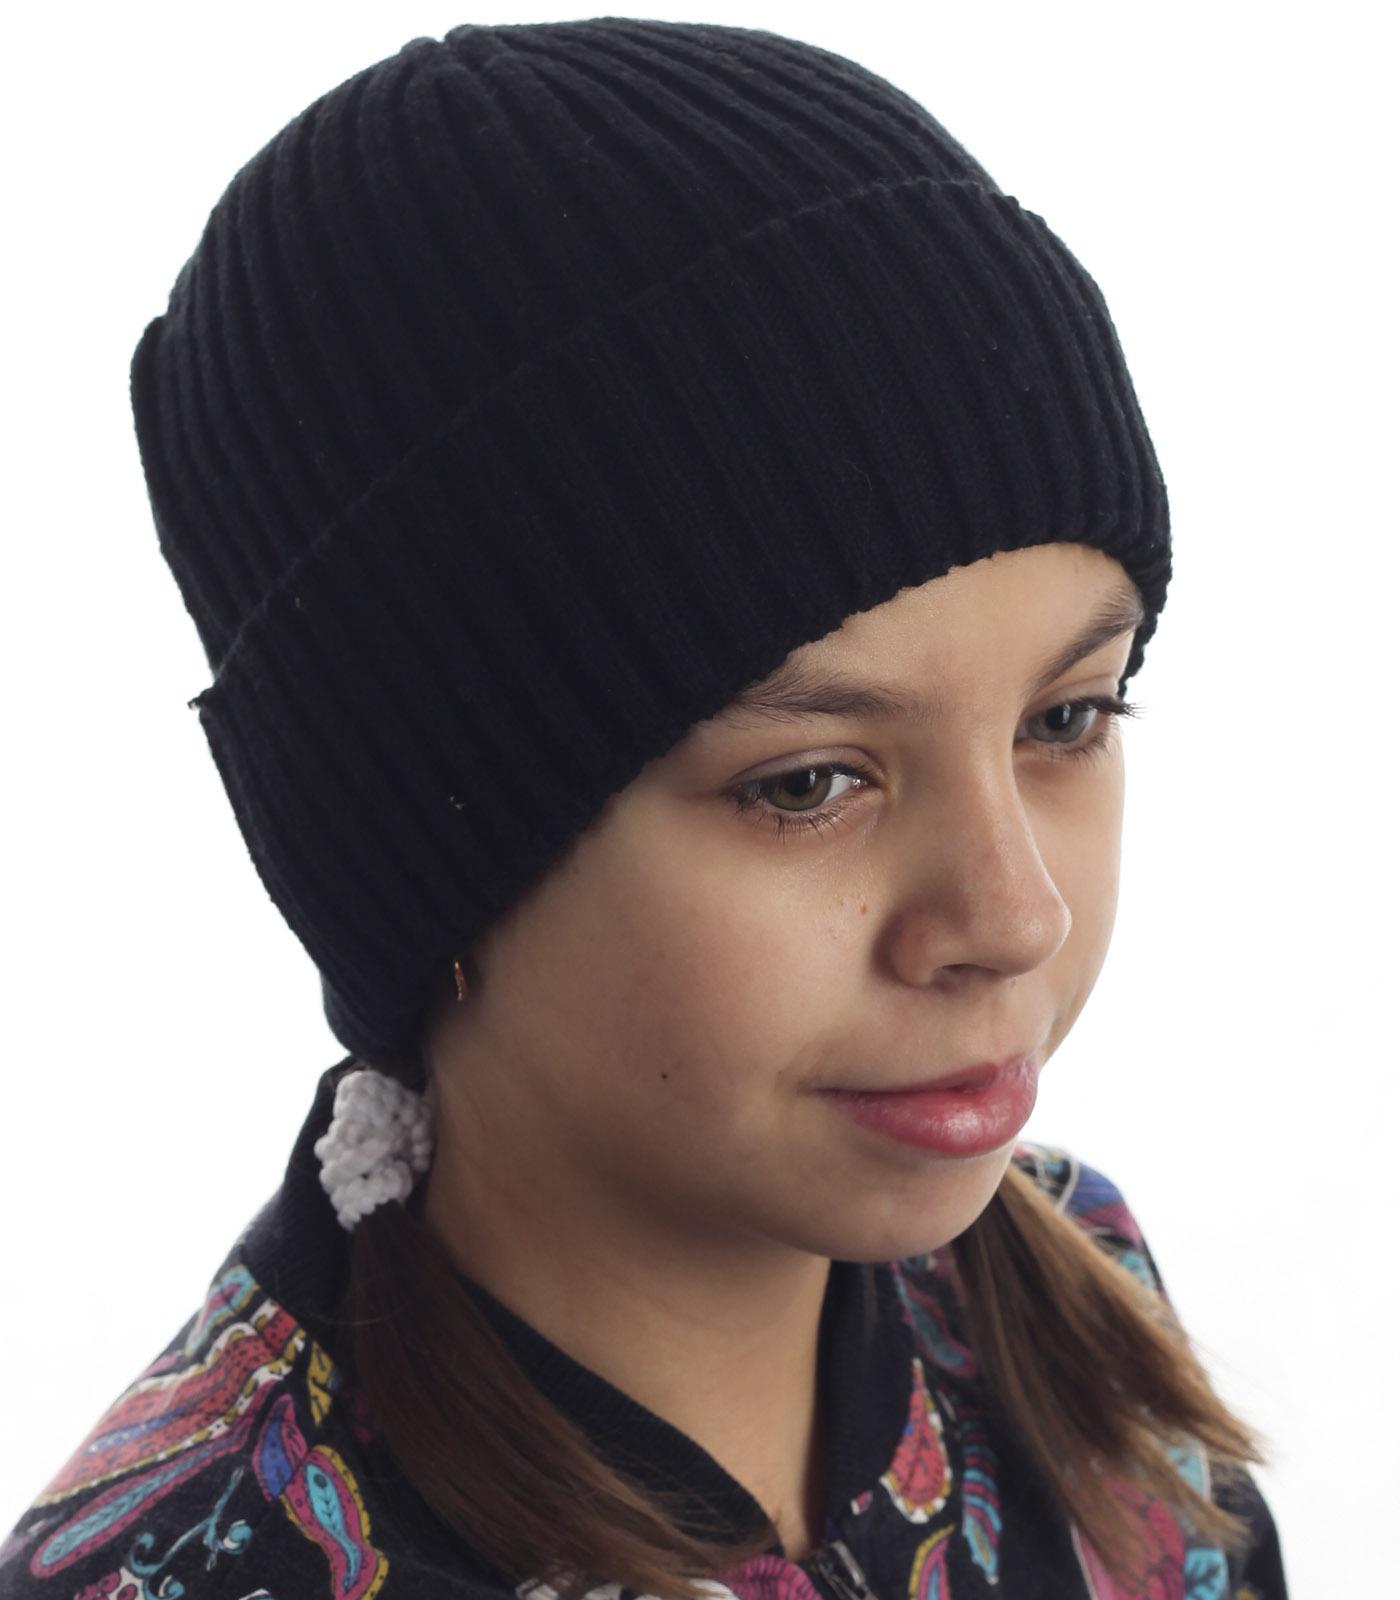 Универсальная детская шапка. Правильная модель для шустрых детей и заботливых родителей